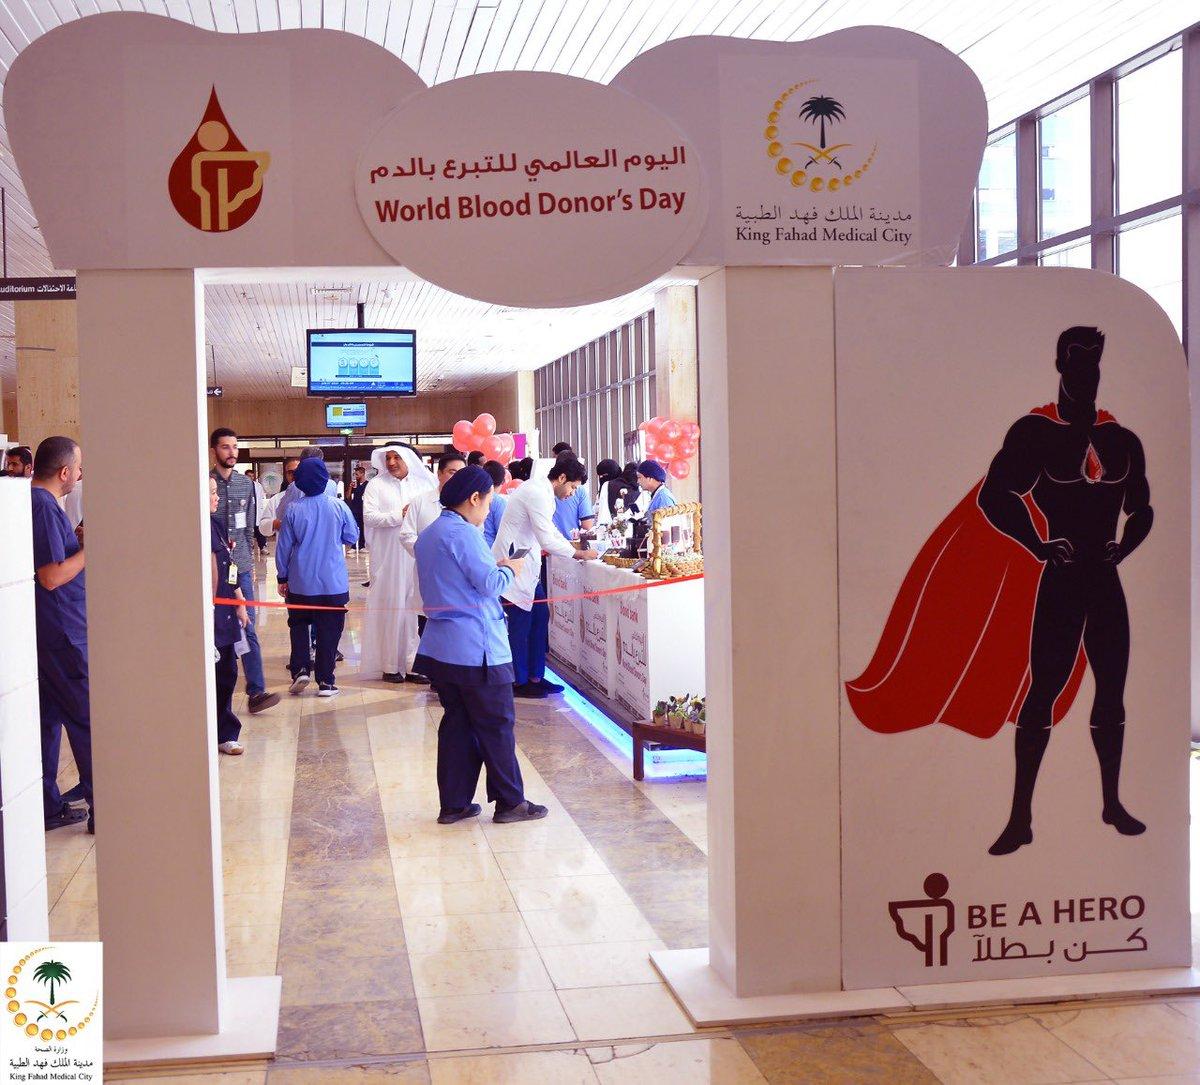 تحفيز لـلتبرع #بالدم وشرح فوائده للمتبرعين وأهميته لإنقاذ #حياة_المرضى   بمناسبة #اليوم_العالمي_للتبرع_بالدم    #مدينة_الملك_فهد_الطبية  #لصحتك  #تبرع_KFMC